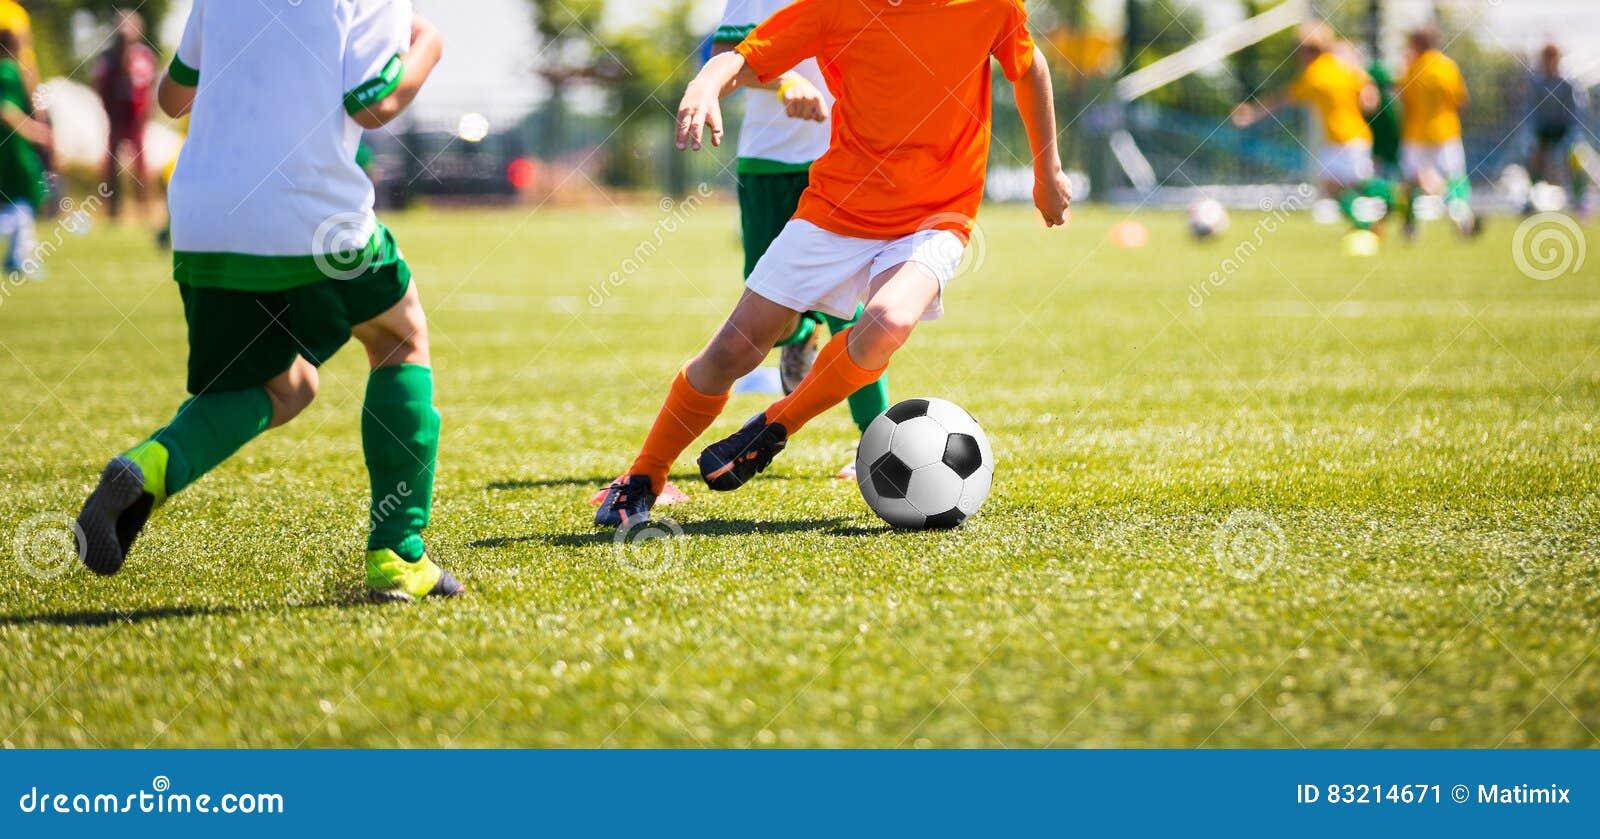 Immagini Di Calcio Per Bambini : Ragazzi che danno dei calci al pallone da calcio squadra di calcio